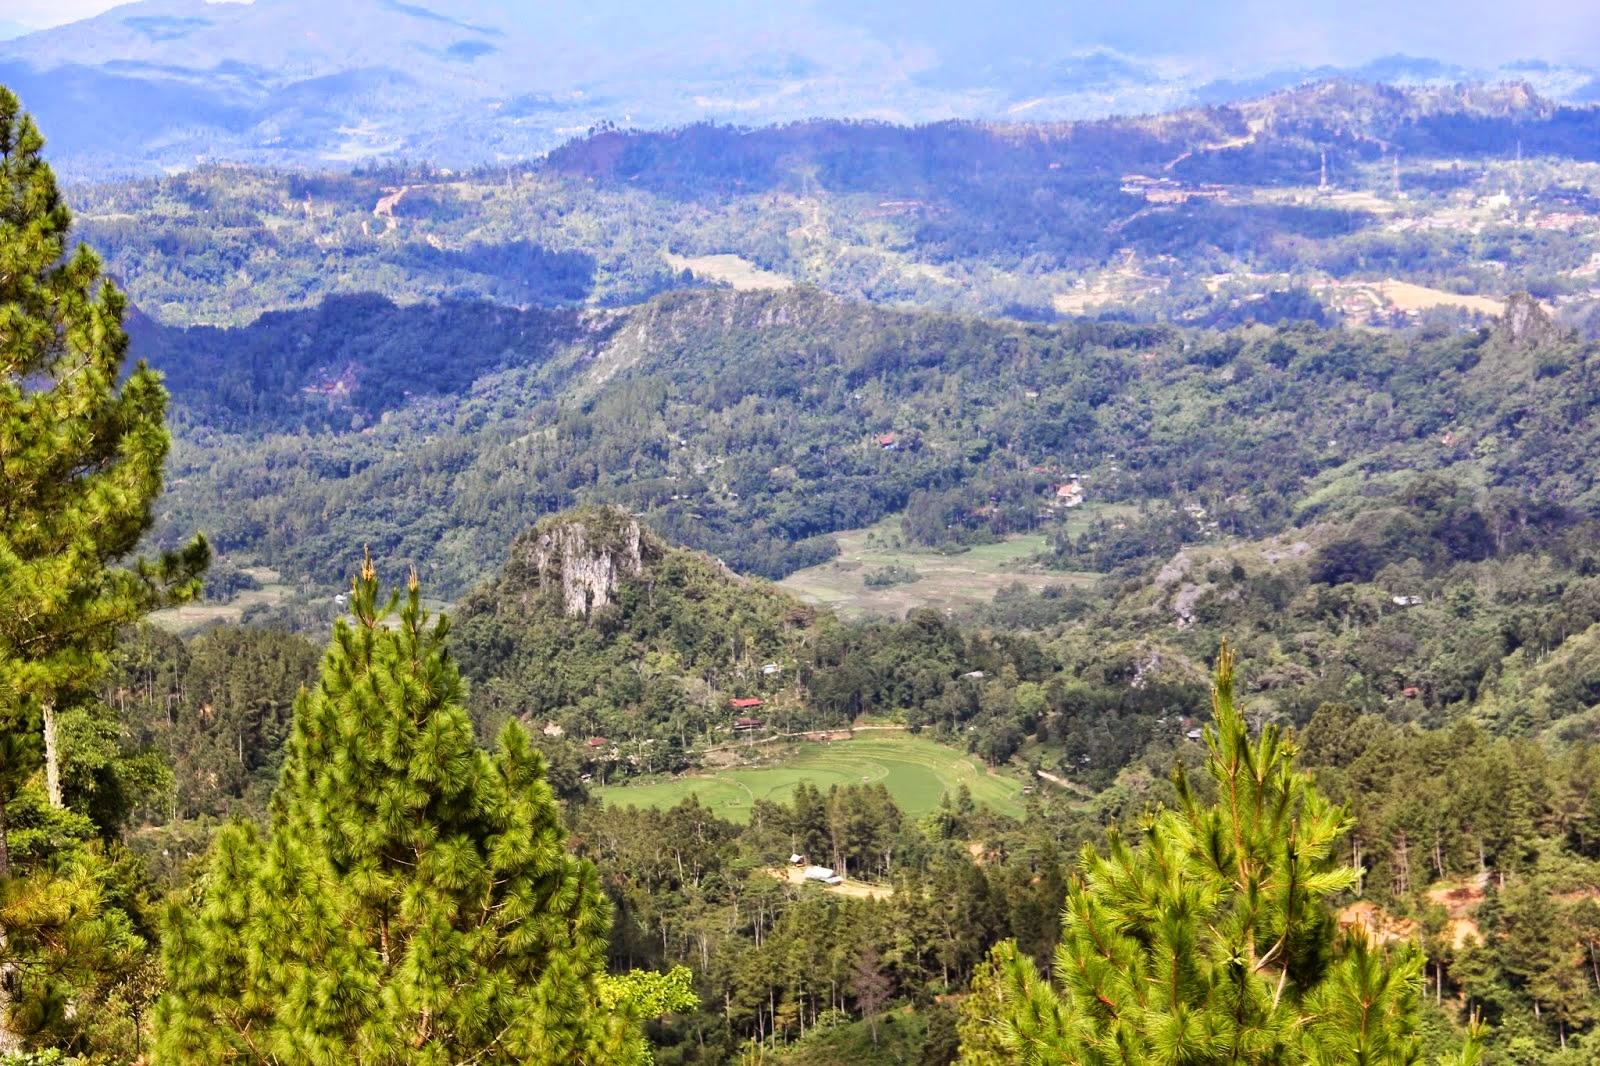 Wisata Alam Pango-Pango Tana Toraja